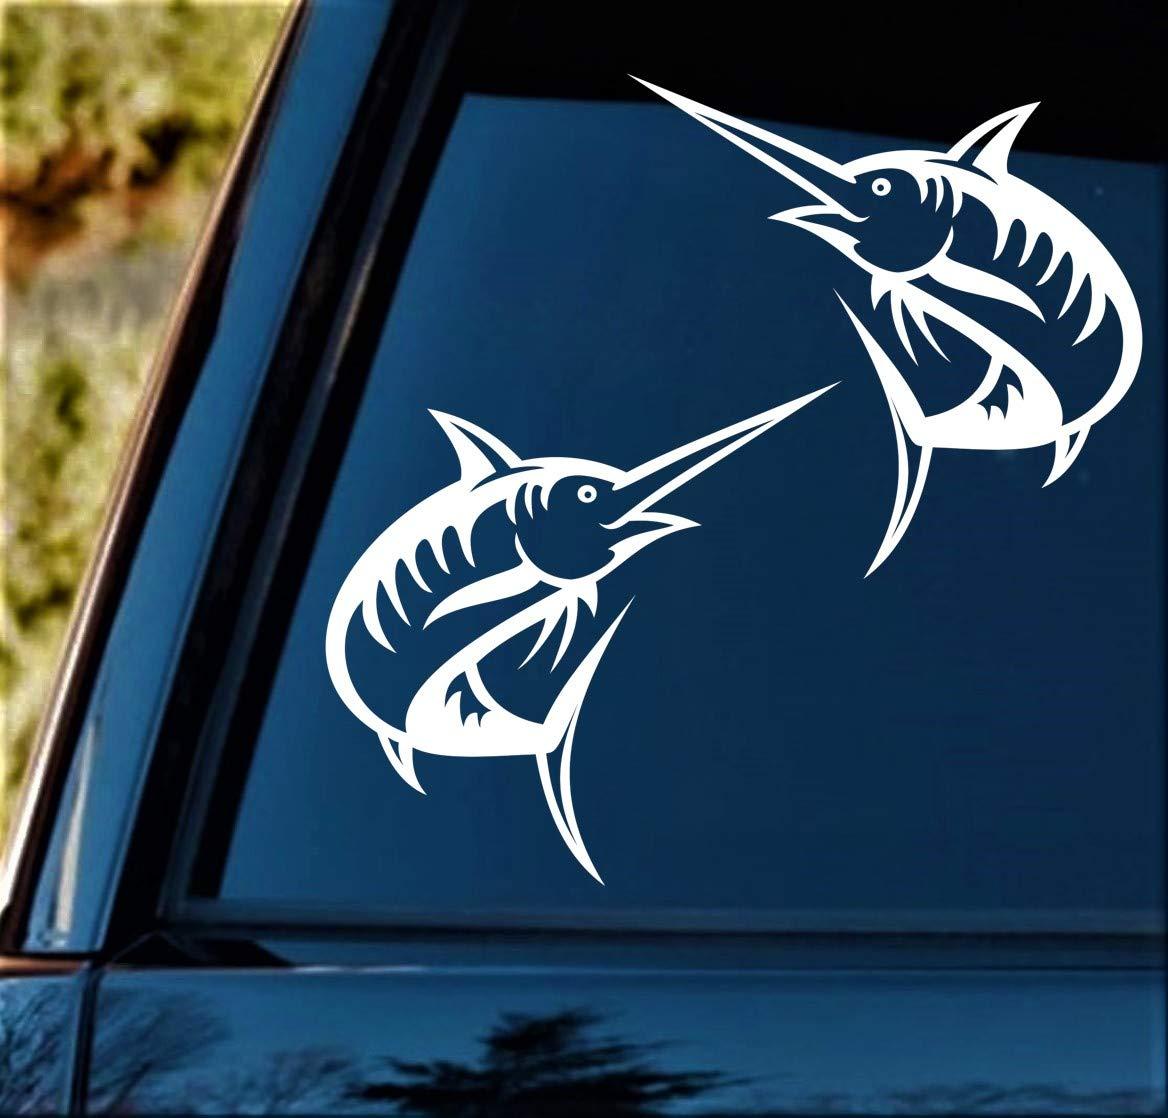 Marlin Deep Sea Fishing Decal Sticker Set for Car Window 5 Inch BG 407